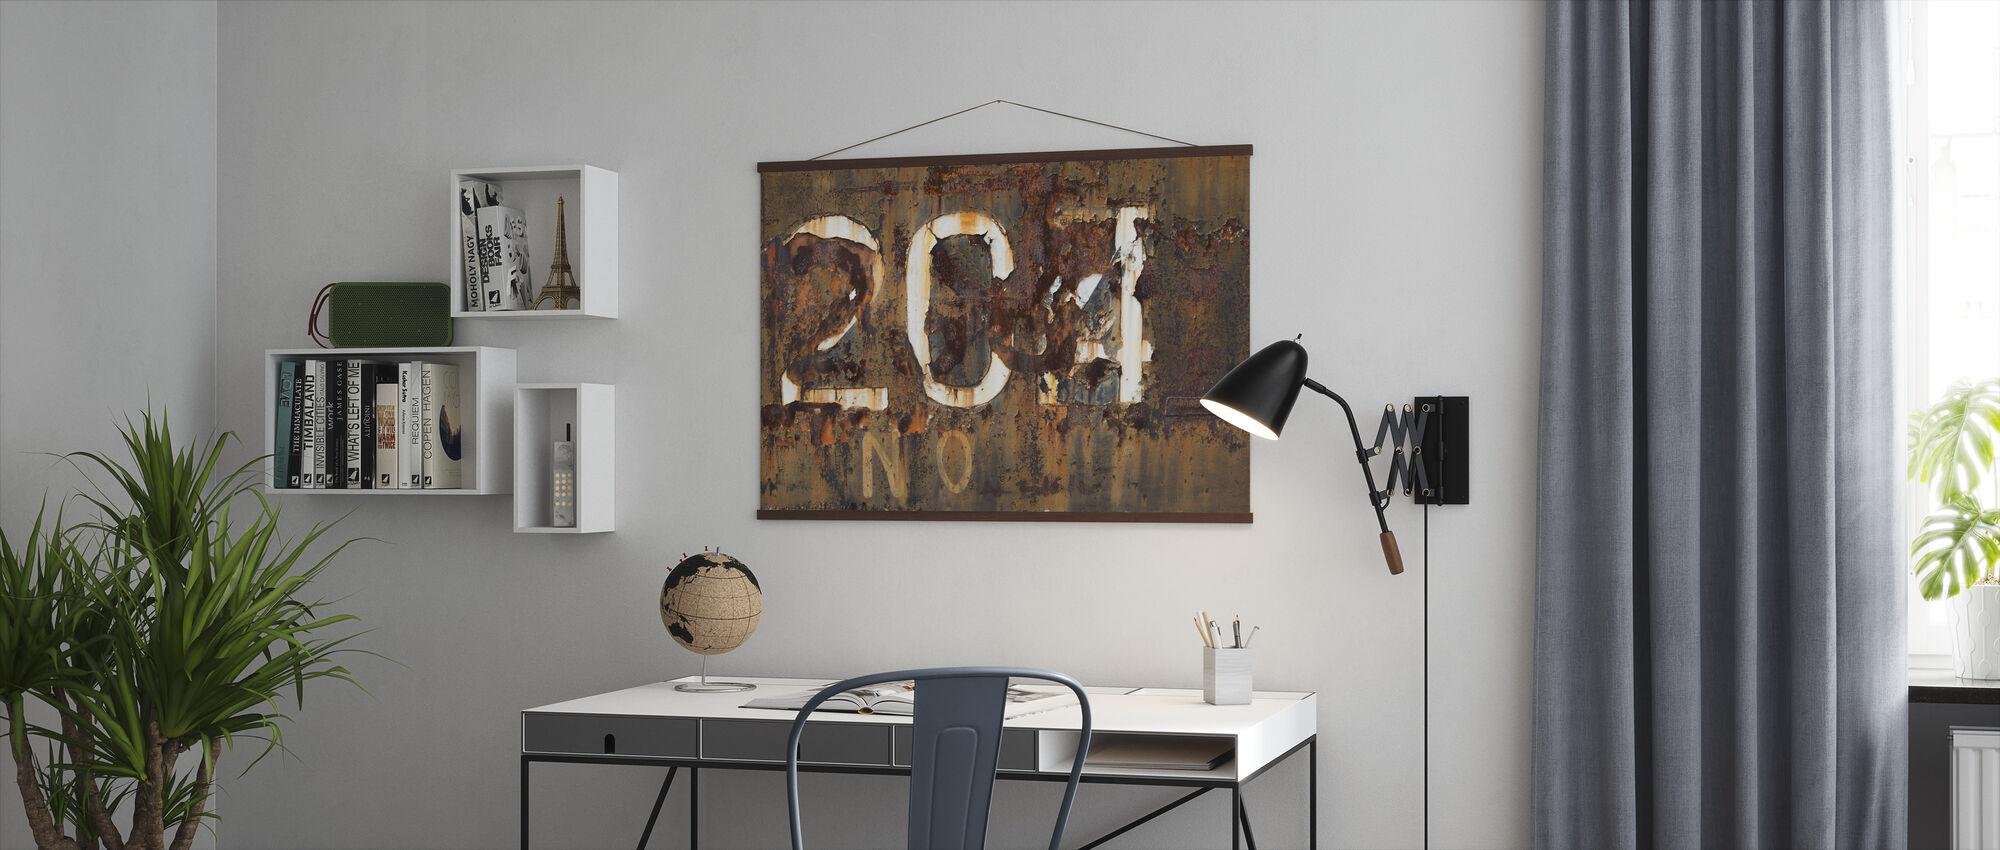 Rusten gammel overflade - Plakat - Kontor